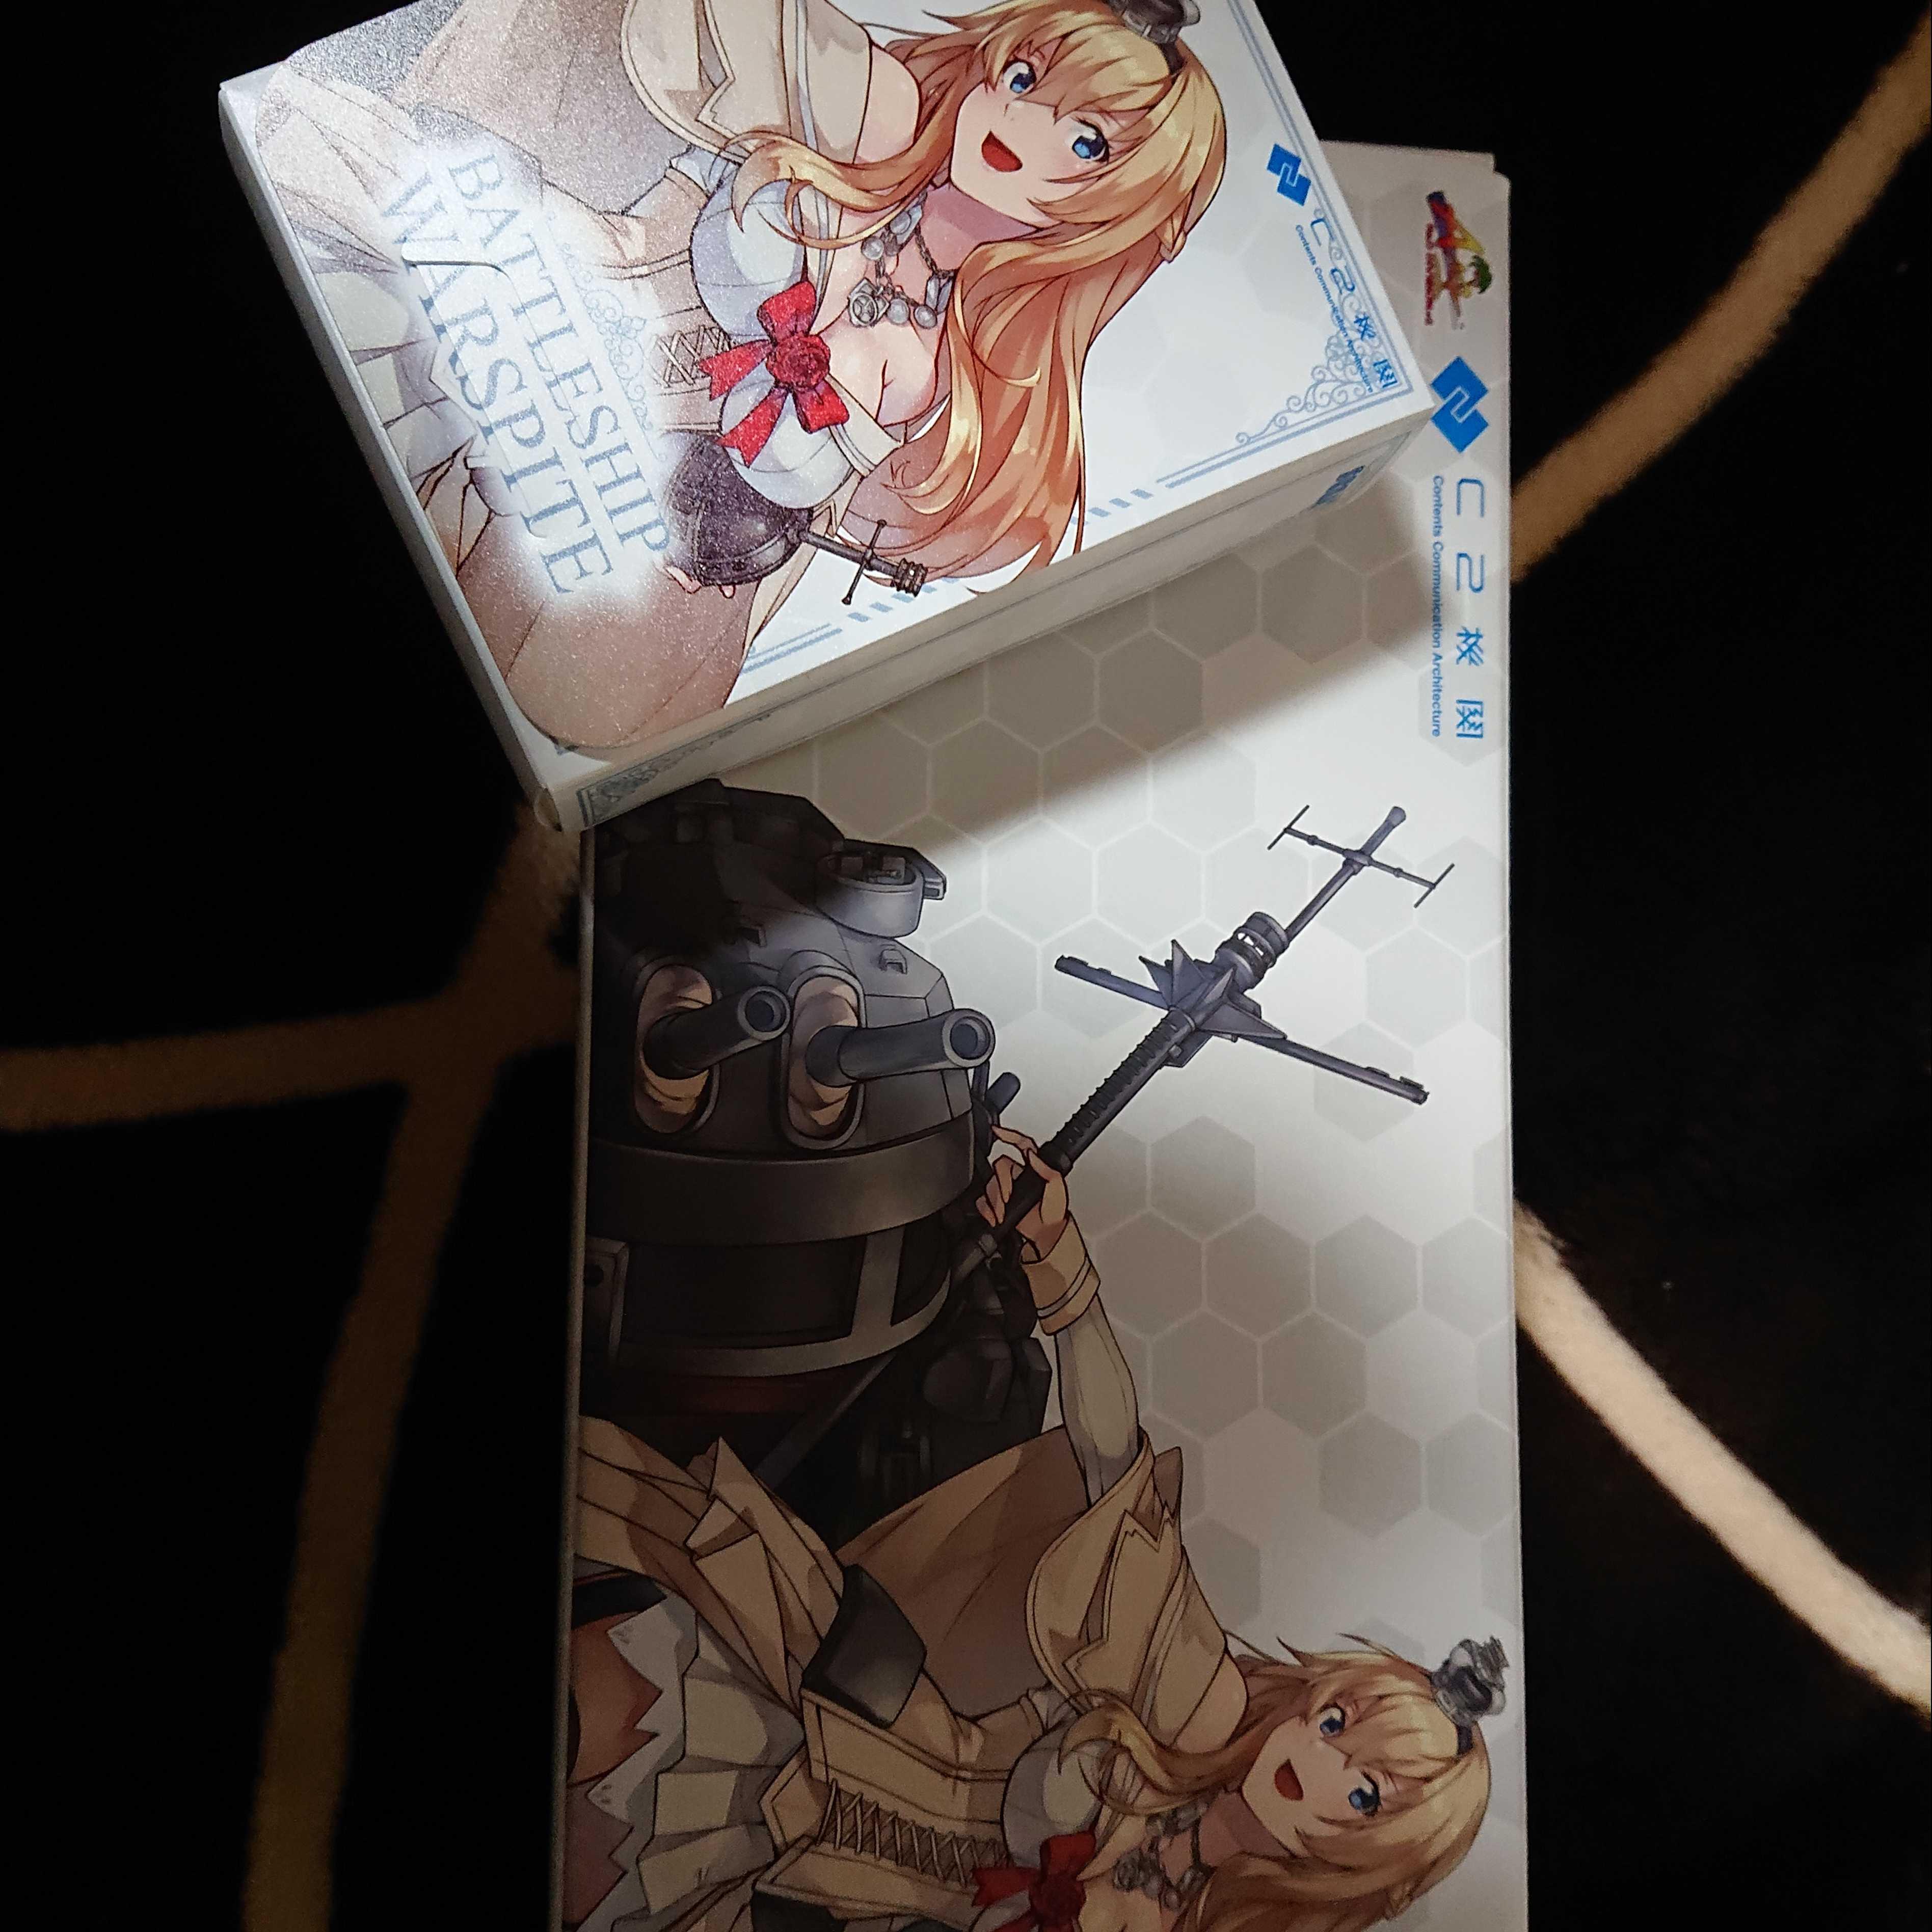 艦これアーケードカード400枚以上(引退まとめ売り)